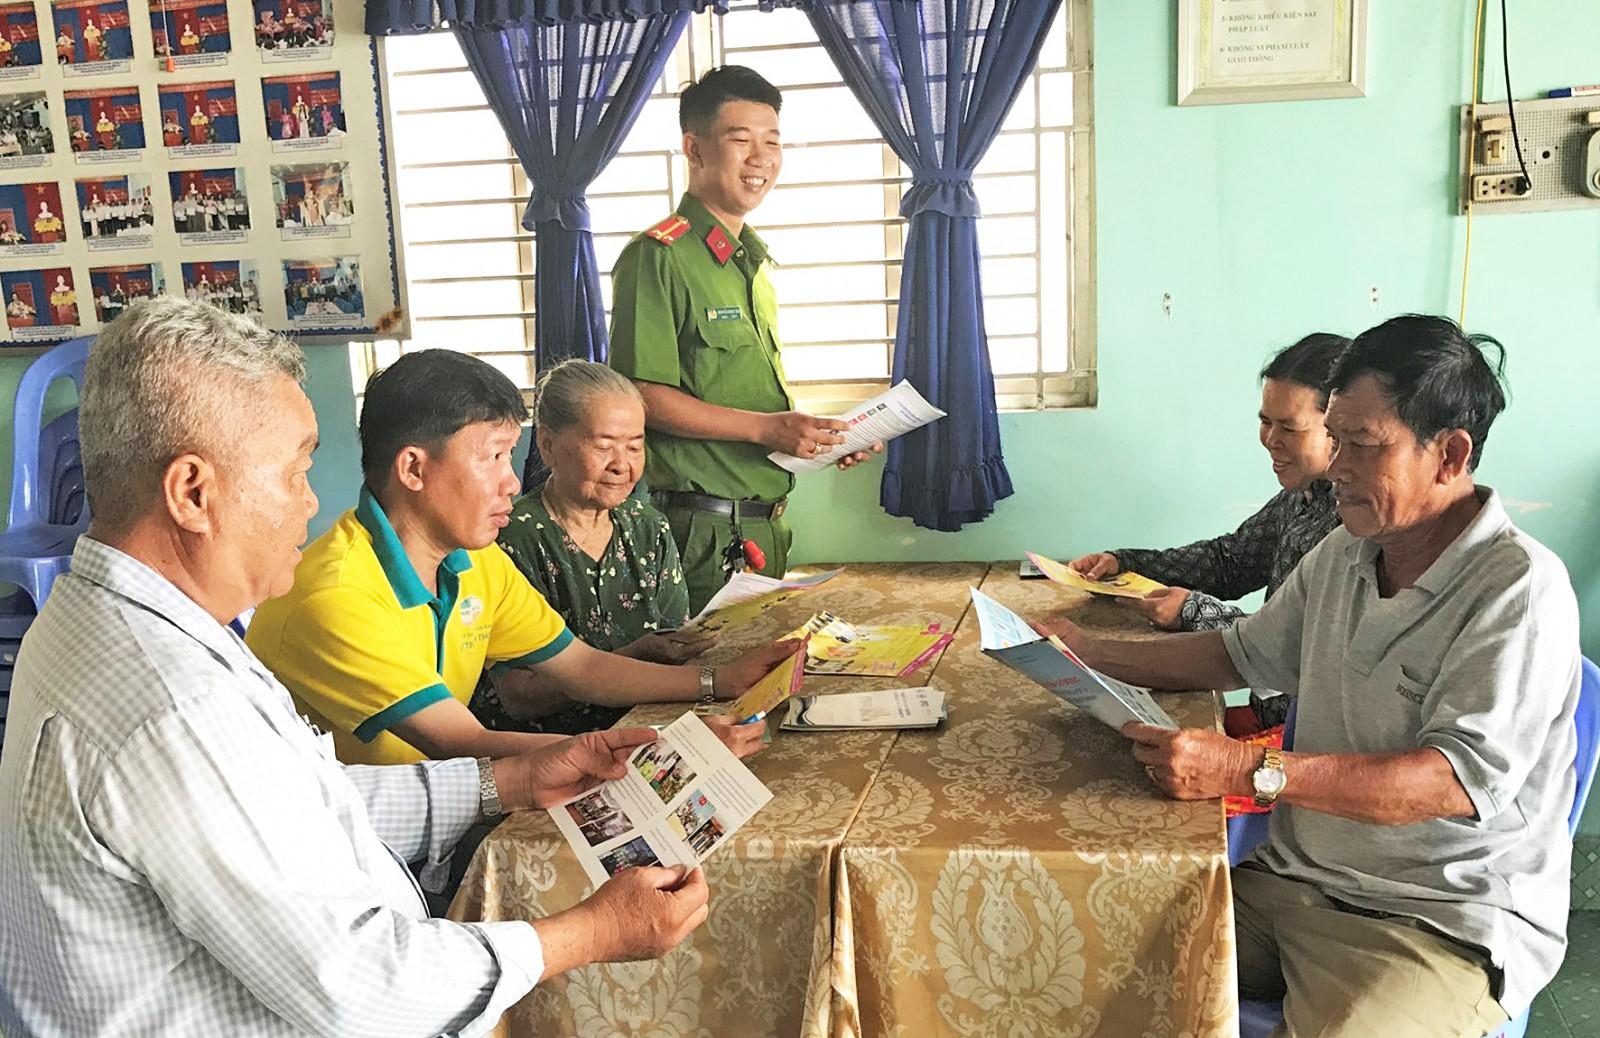 Công an phường Hưng Lợi tuyên truyền, vận động người dân chấp hành quy định địa phương, xây dựng đời sống văn hóa.